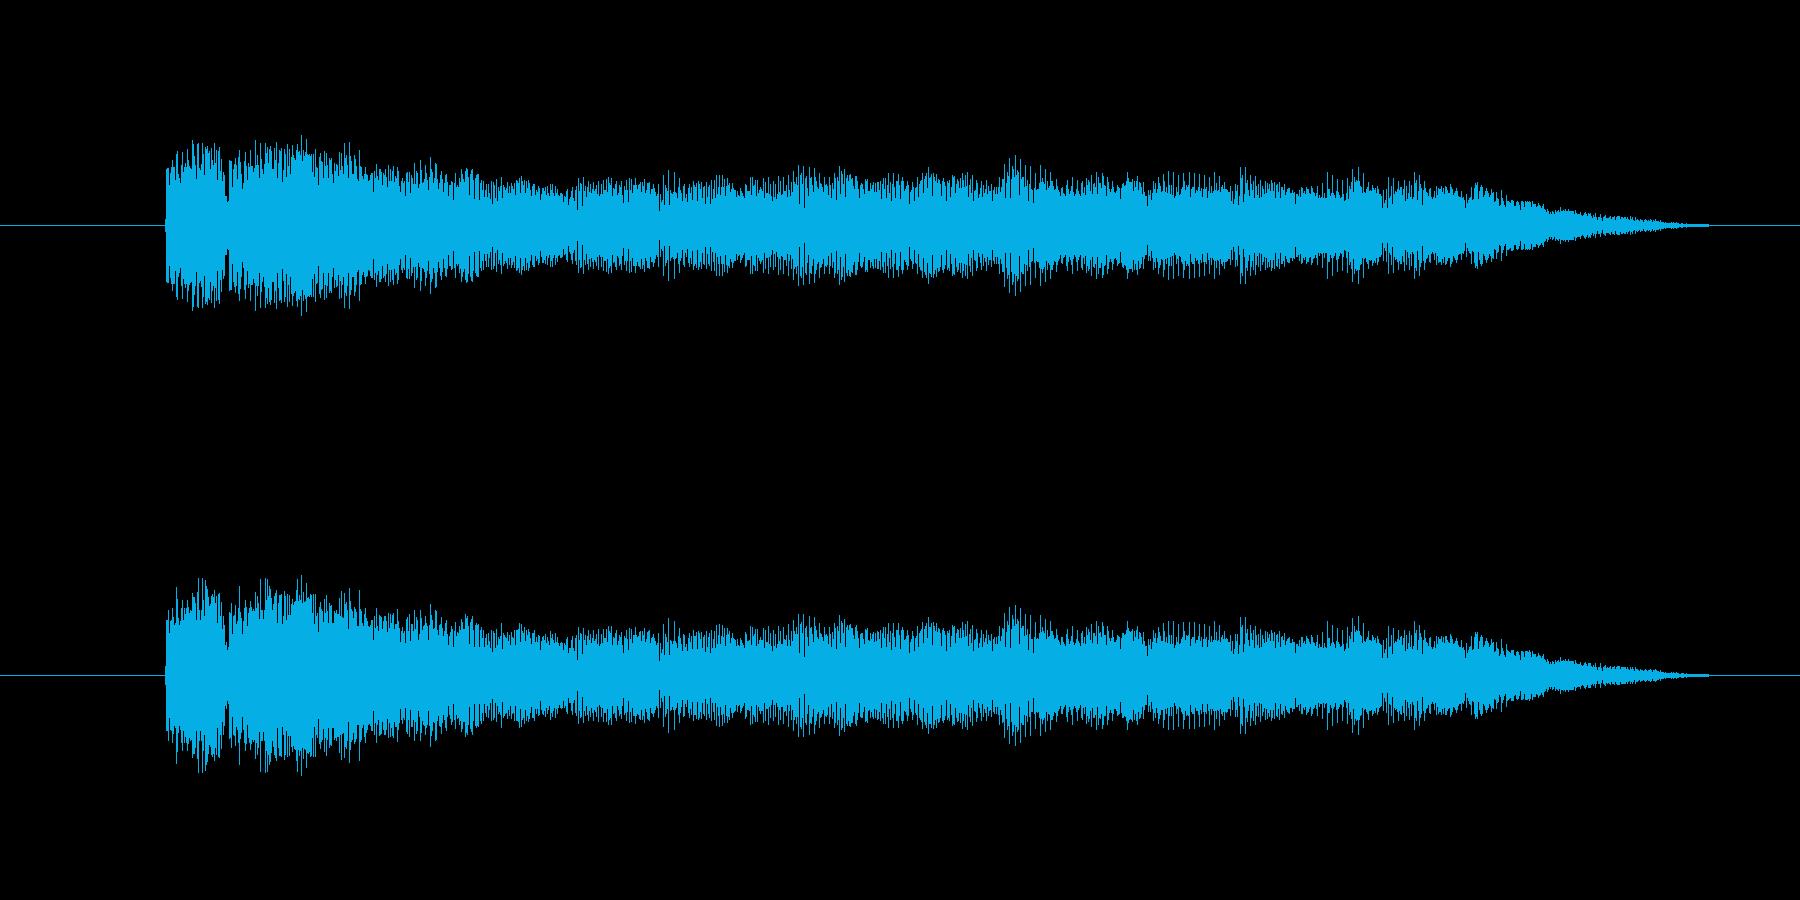 ジャジャーンという効果音の再生済みの波形